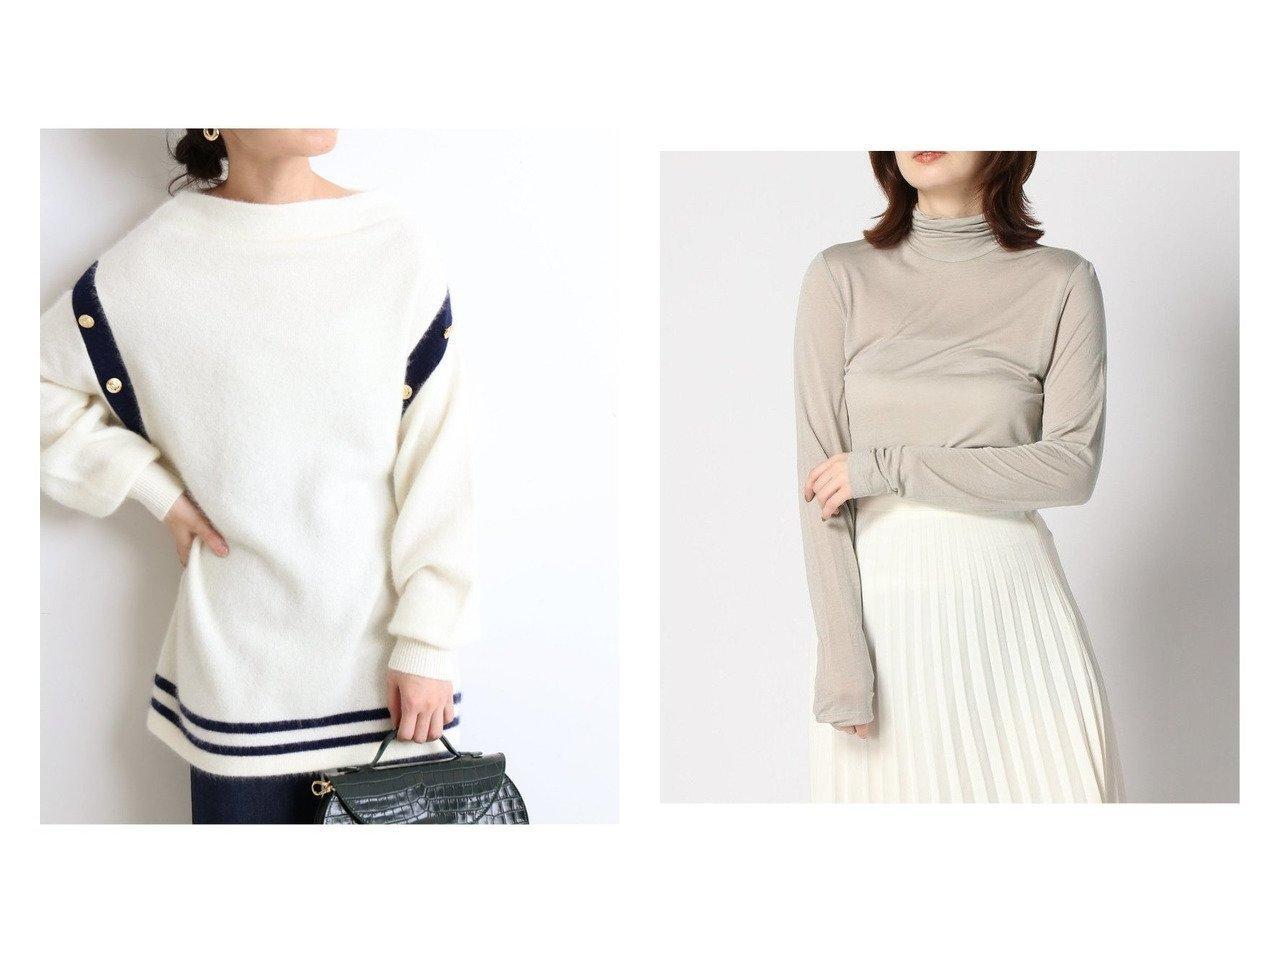 【SLOBE IENA/スローブ イエナ】のアンゴラシャギーマリンKN&【IENA/イエナ】のシルクレーヨンTS トップス・カットソーのおすすめ!人気、トレンド・レディースファッションの通販  おすすめで人気の流行・トレンド、ファッションの通販商品 メンズファッション・キッズファッション・インテリア・家具・レディースファッション・服の通販 founy(ファニー) https://founy.com/ ファッション Fashion レディースファッション WOMEN トップス Tops Tshirt ニット Knit Tops カットソー Cut and Sewn タートルネック Turtleneck 2020年 2020 2020-2021 秋冬 A/W AW Autumn/Winter / FW Fall-Winter 2020-2021 A/W 秋冬 AW Autumn/Winter / FW Fall-Winter アンゴラ シンプル ボトム リラックス 長袖 NEW・新作・新着・新入荷 New Arrivals ウォッシャブル カットソー シルク |ID:crp329100000010323